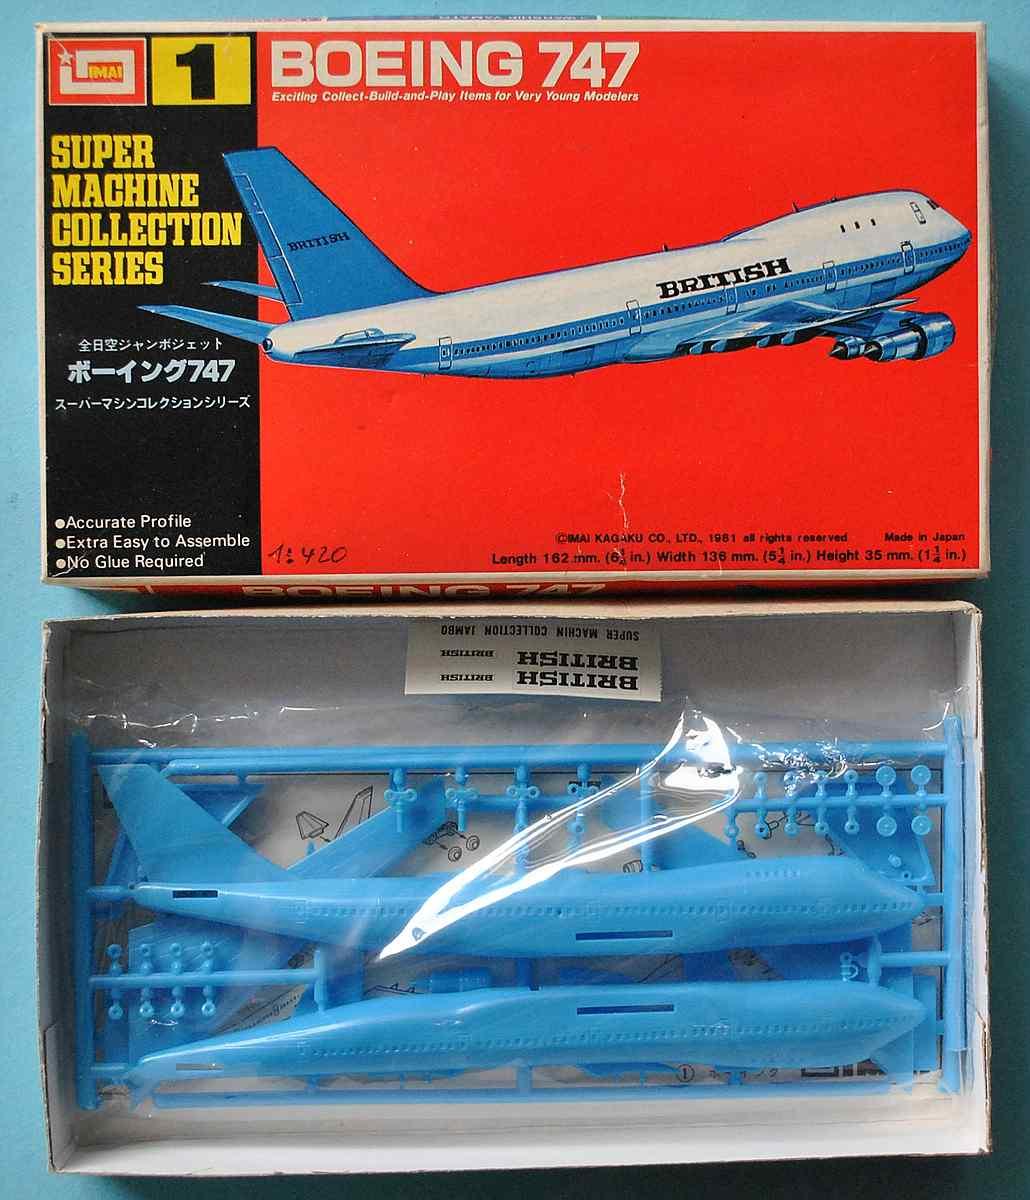 IMAI-Super-Machine-series-1-Boeing-747-Jumbo-5 Kit-Archäologie - heute: Starfix Tupolev Tu-16 im Maßstab 1:200